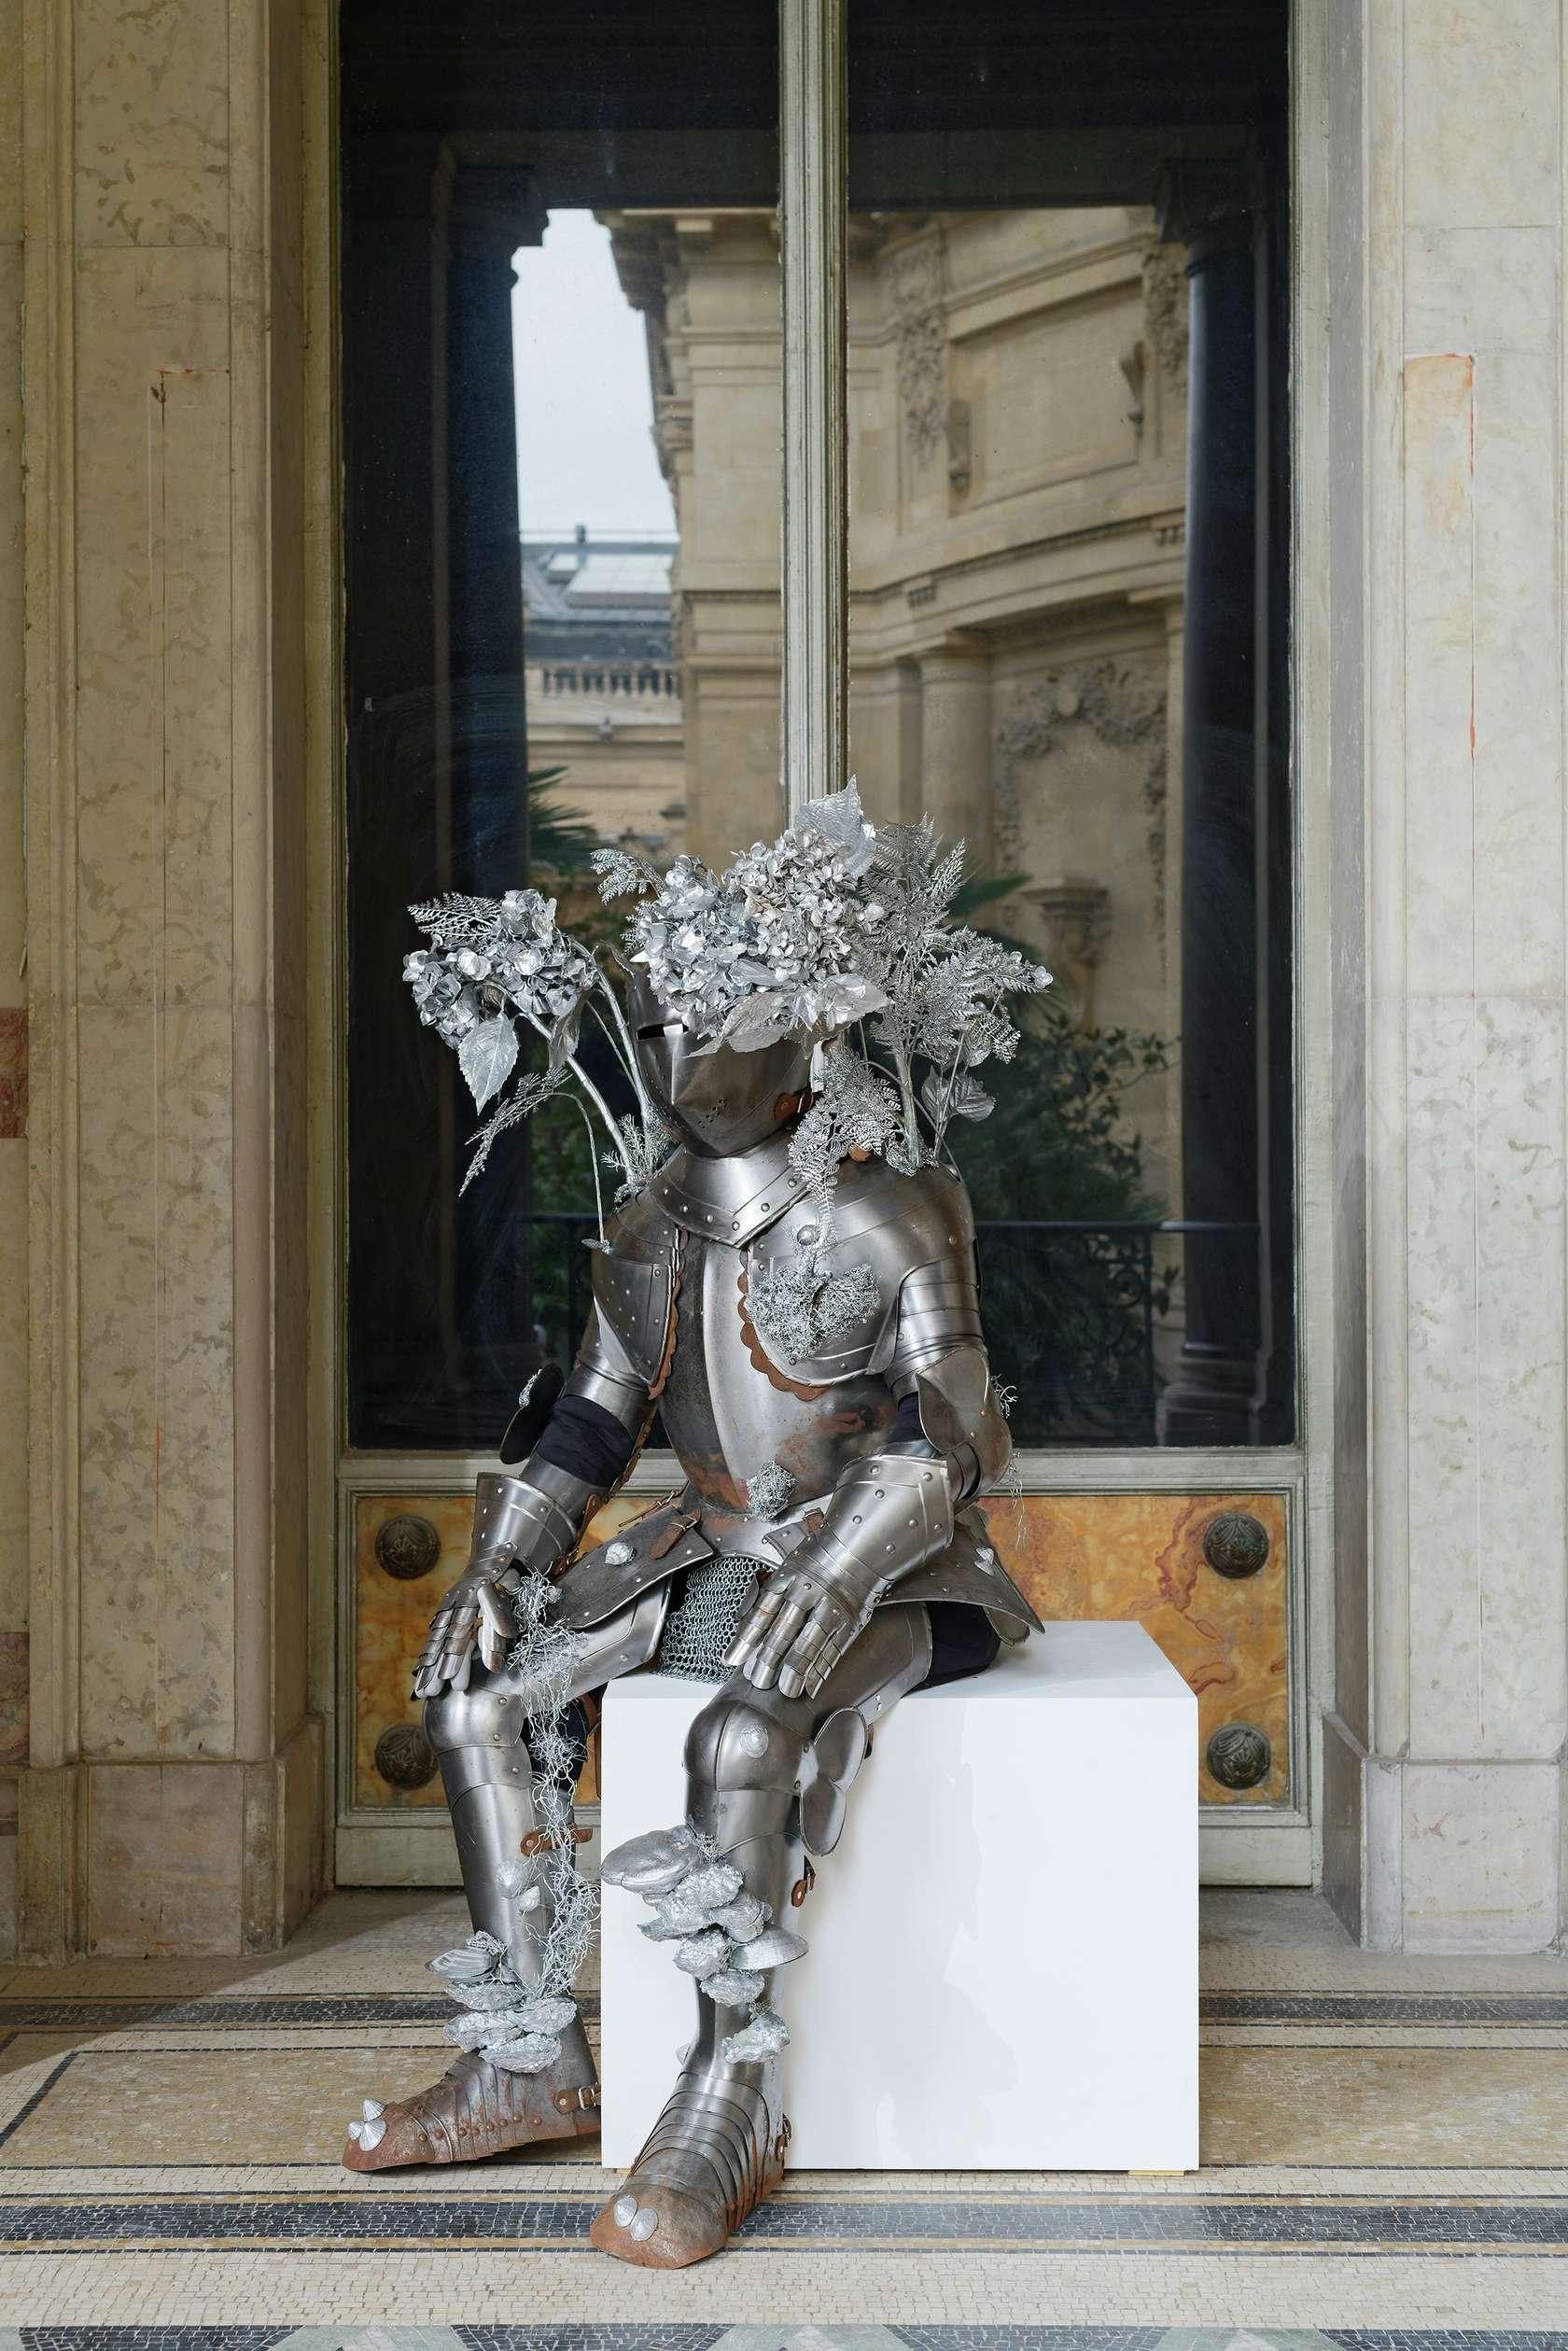 Abraham Poincheval, Le chevalier errant, l'homme sans ici, 2018 Armure, résine peinte, coquillages, tissu et socle en bois200 x 105 x 68 cm / 78 6/8 x 41 3/8 x 26 6/8 inches